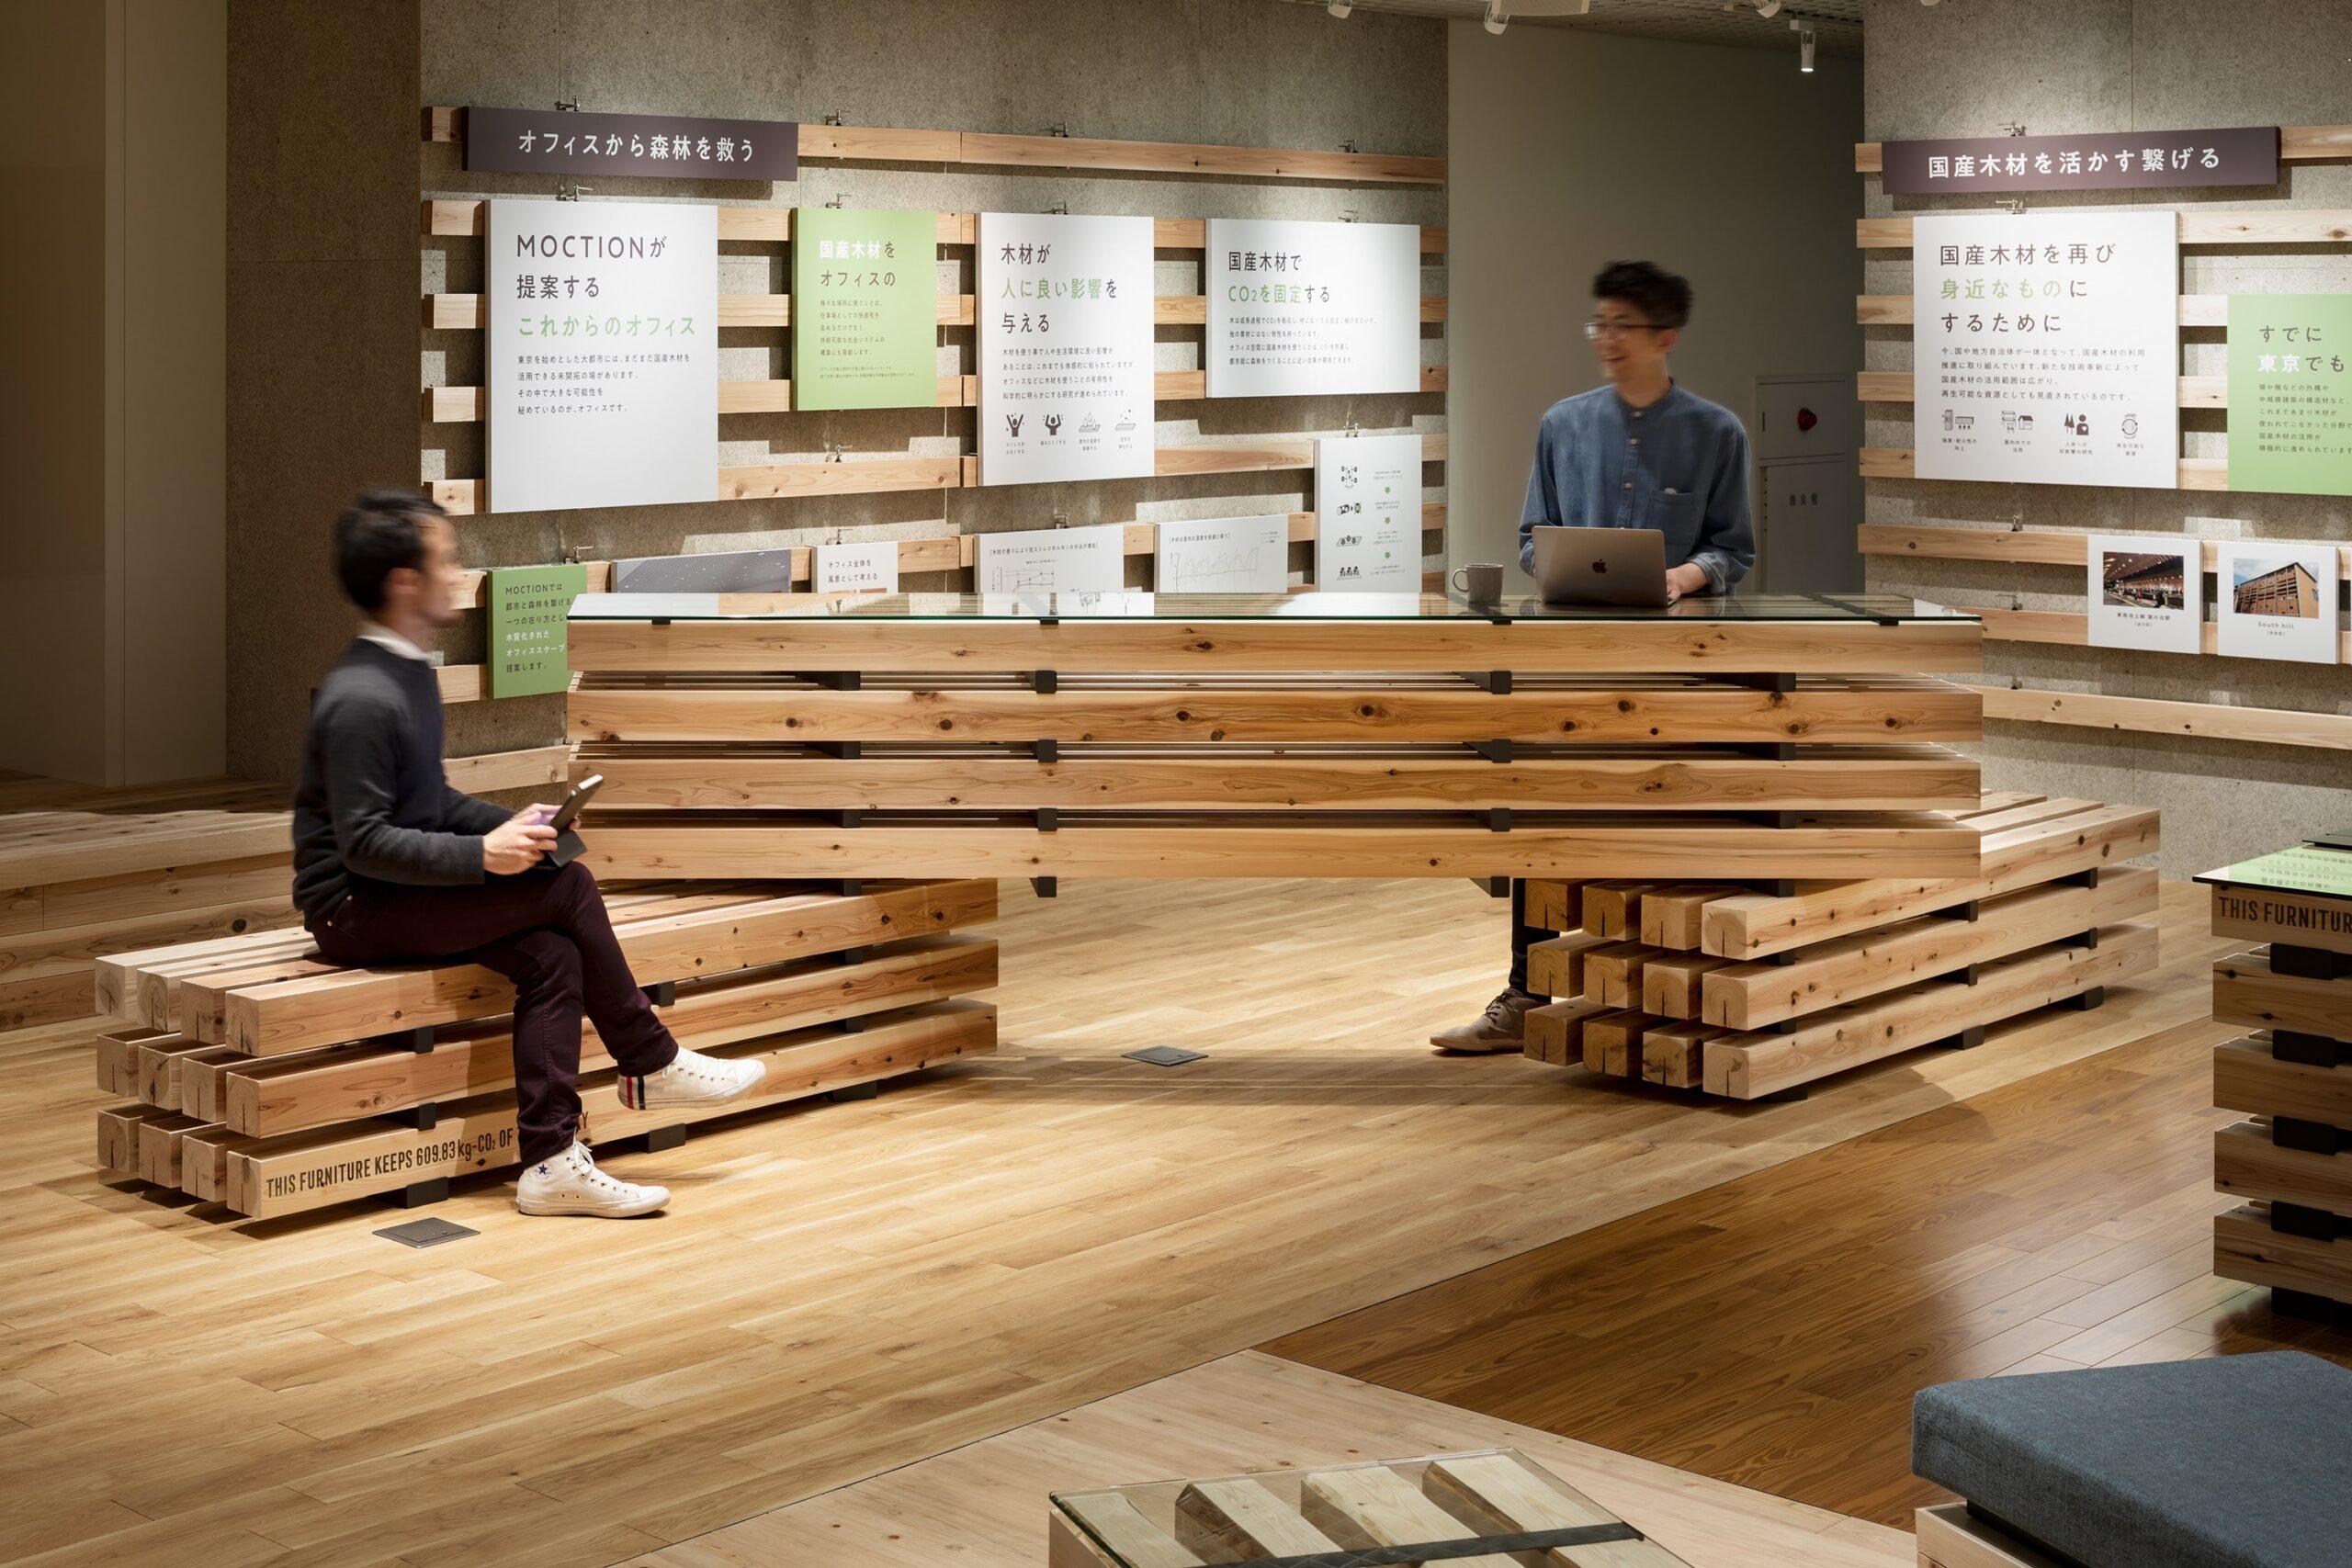 リビングデザインセンターOZONE 5階「MOCTION」